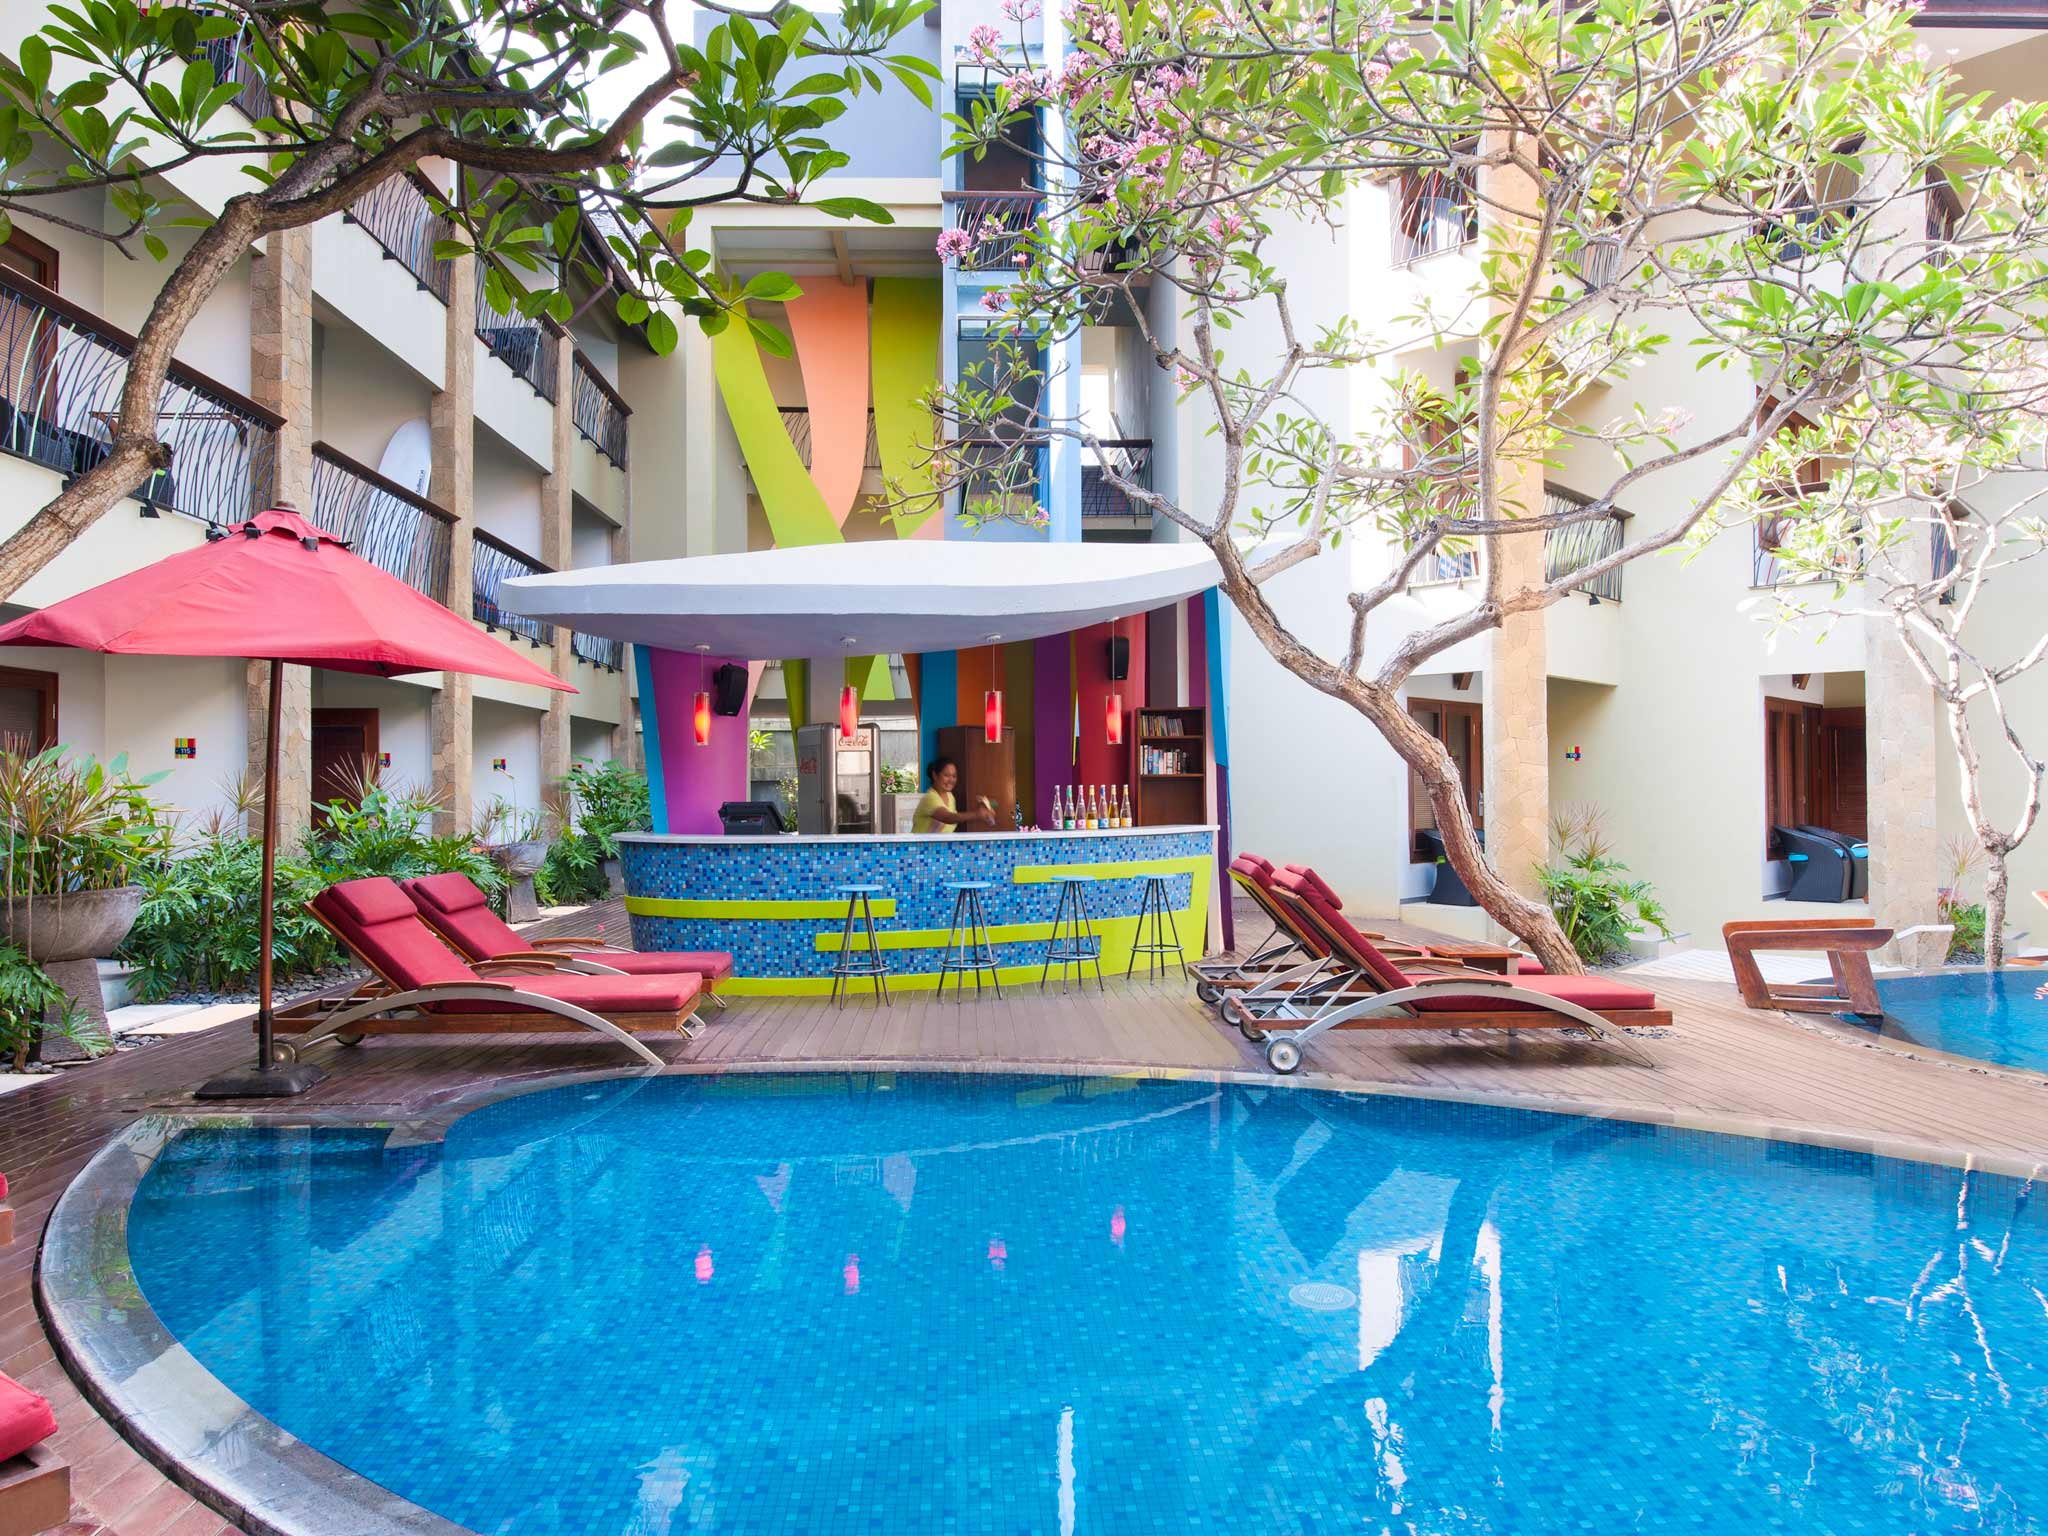 酒店 – all seasons 巴厘岛勒吉安酒店(即将成为 ibis Styles 酒店)